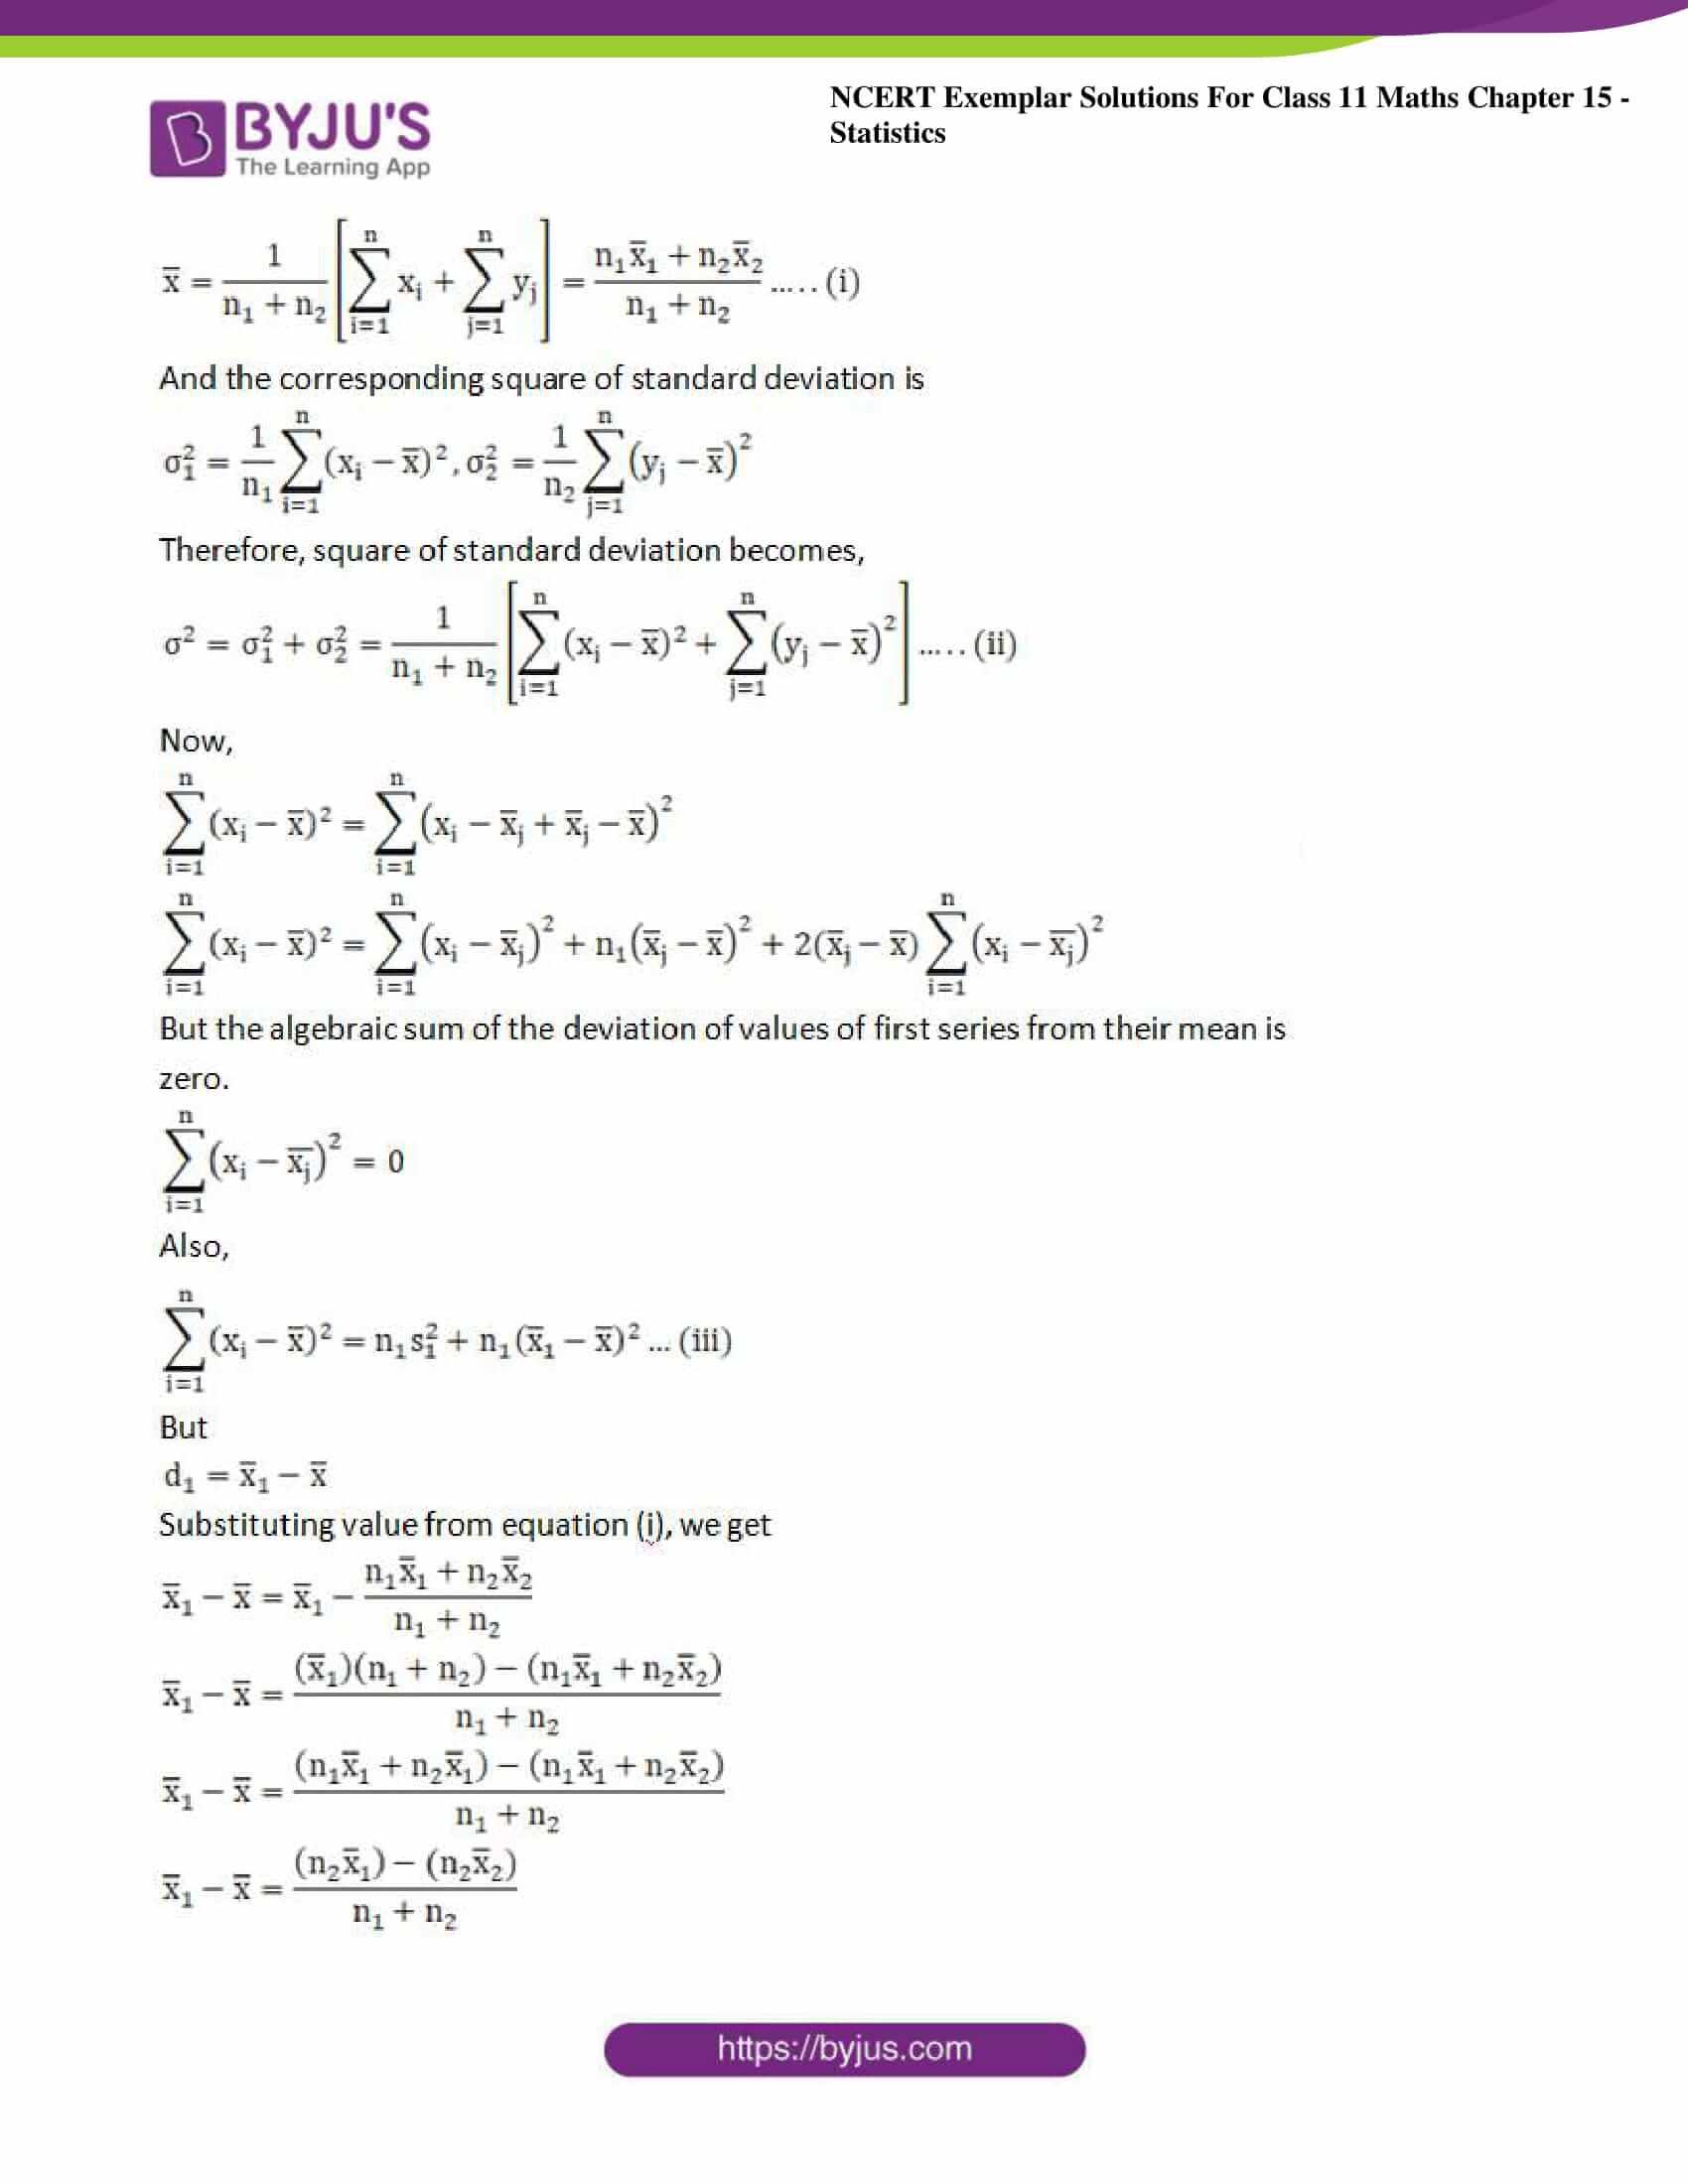 ncert exemplar sol class 11 maths chpt 15 statistics 10